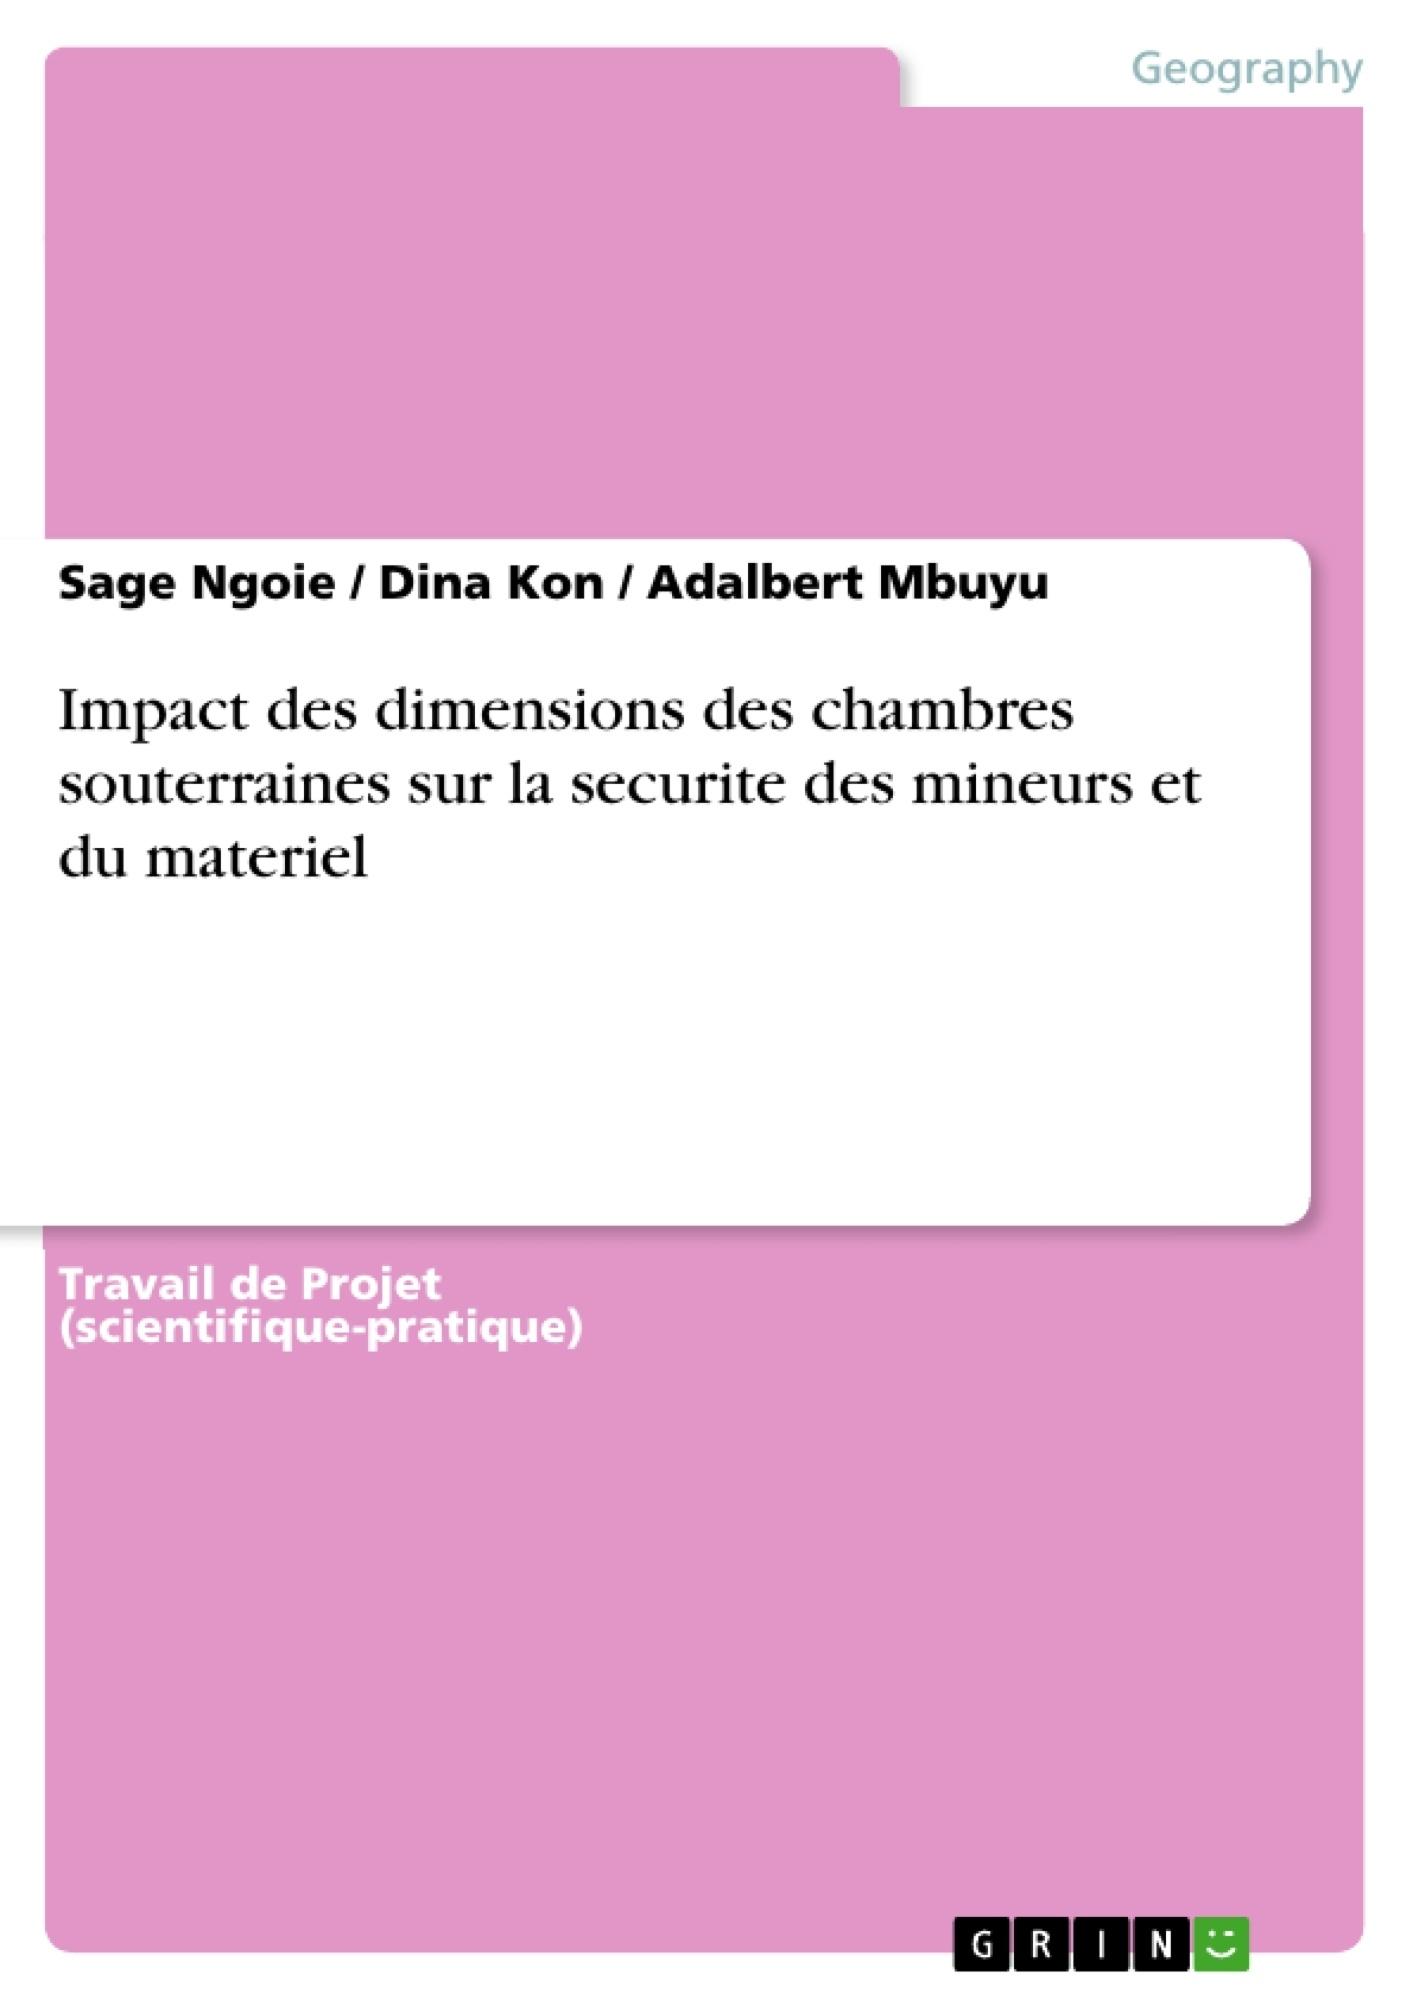 Titre: Impact des dimensions des chambres souterraines sur la securite des mineurs et du materiel